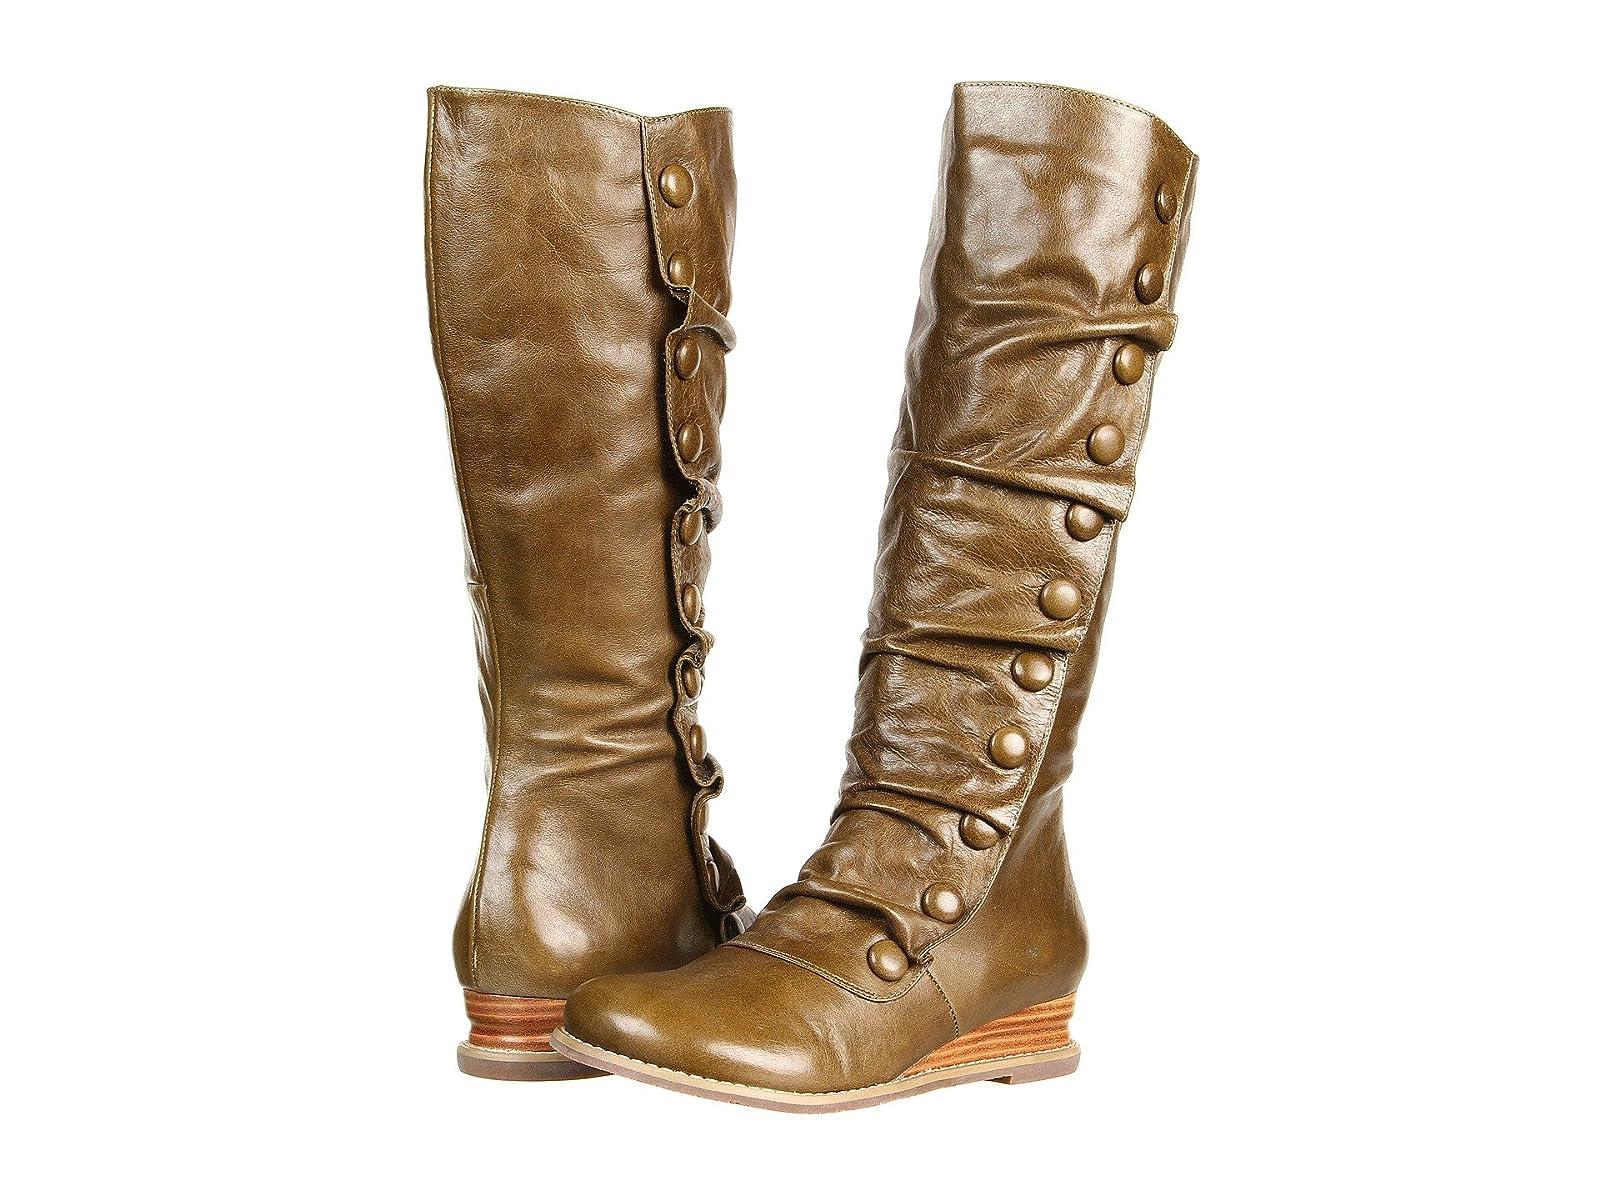 Miz Mooz BloomEconomical and quality shoes